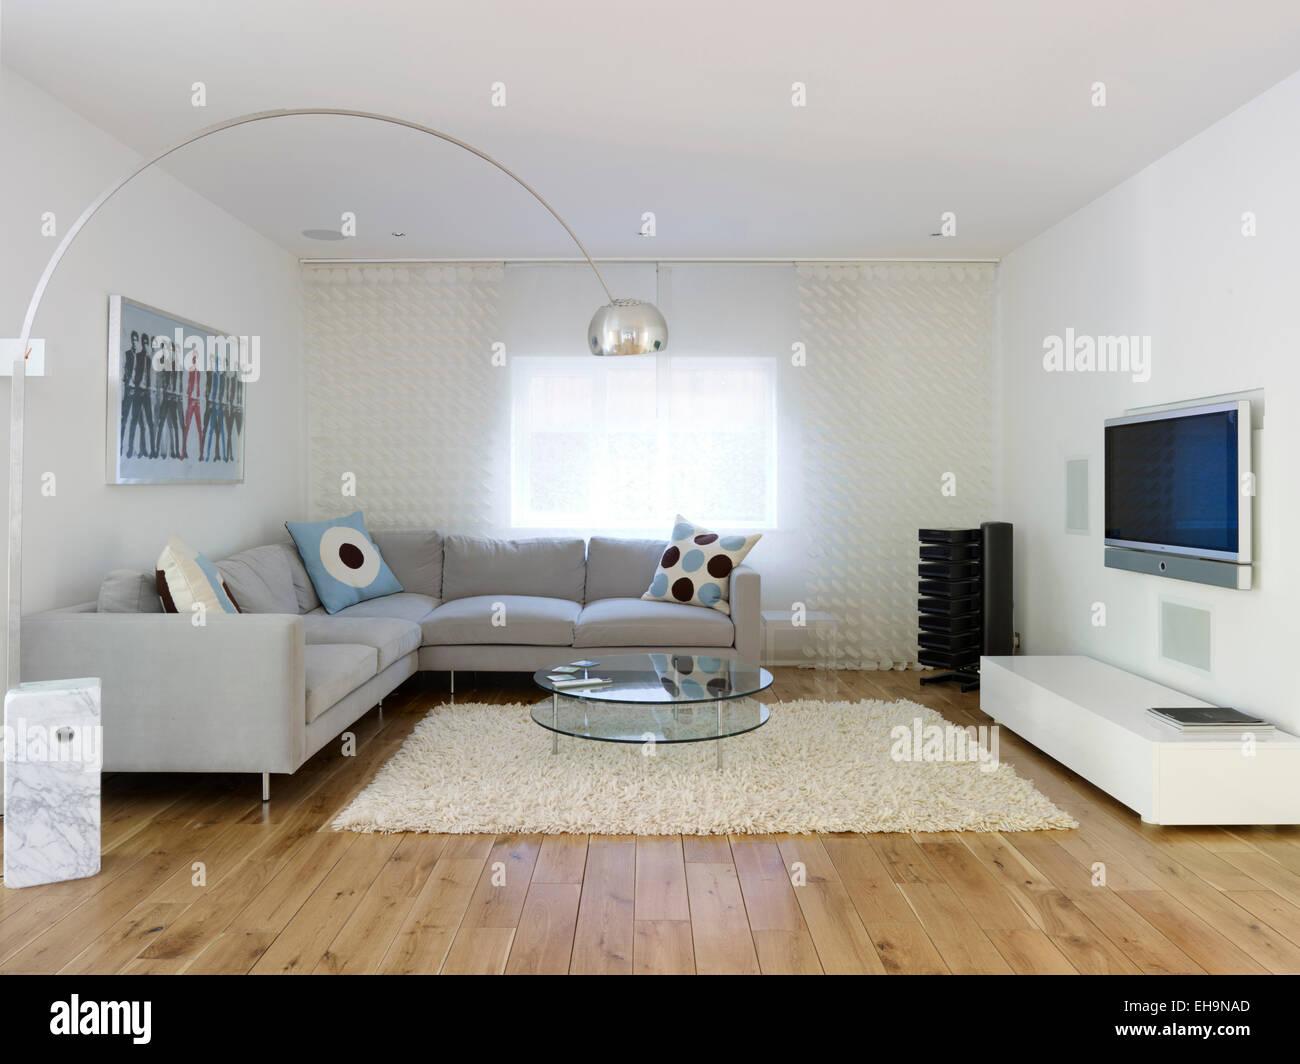 Ecke Sofa Mit Gemusterten Kissen Im Modernen Wohnzimmer Mit Designer